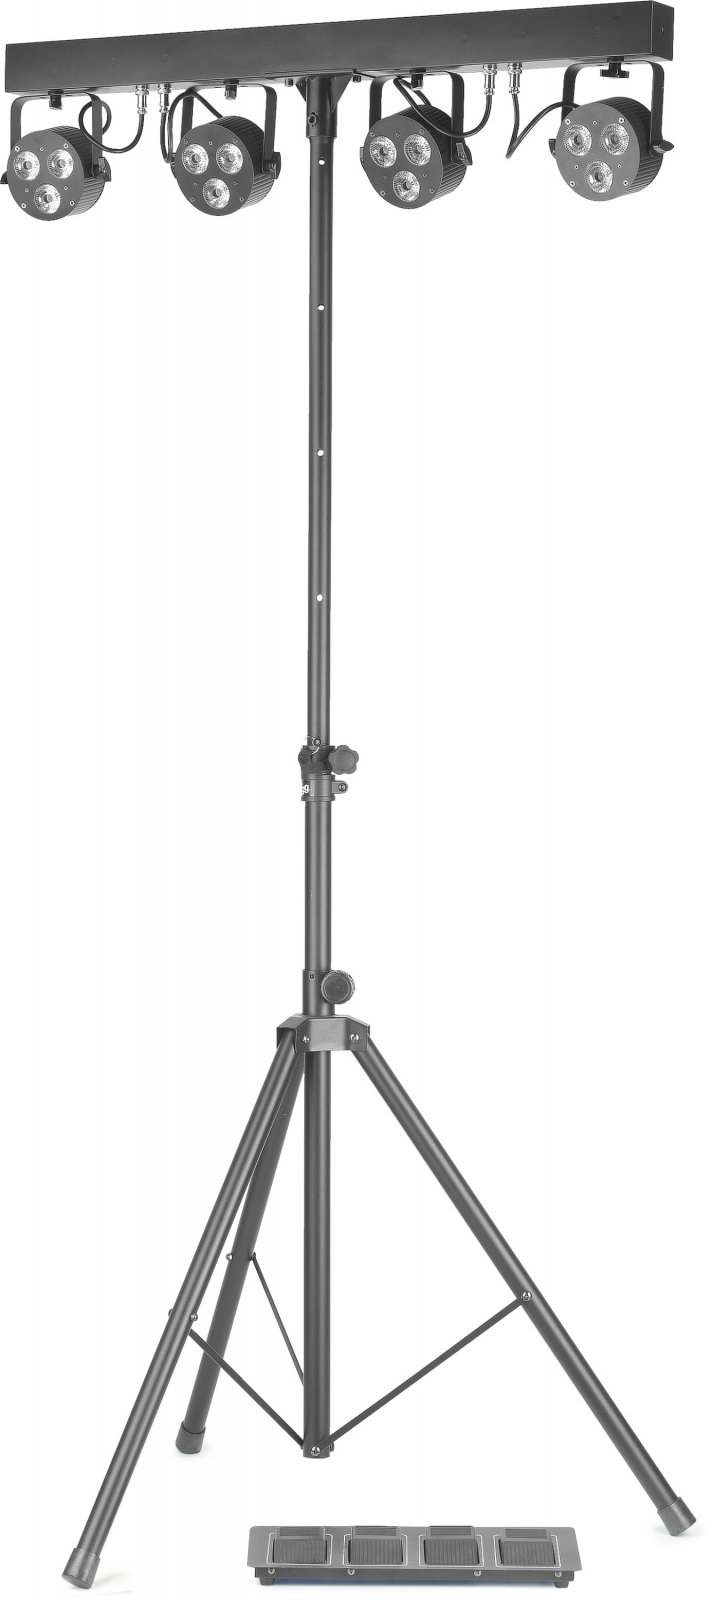 Stagg 4 Light Set With 4 Flat PAR LED Spotlights